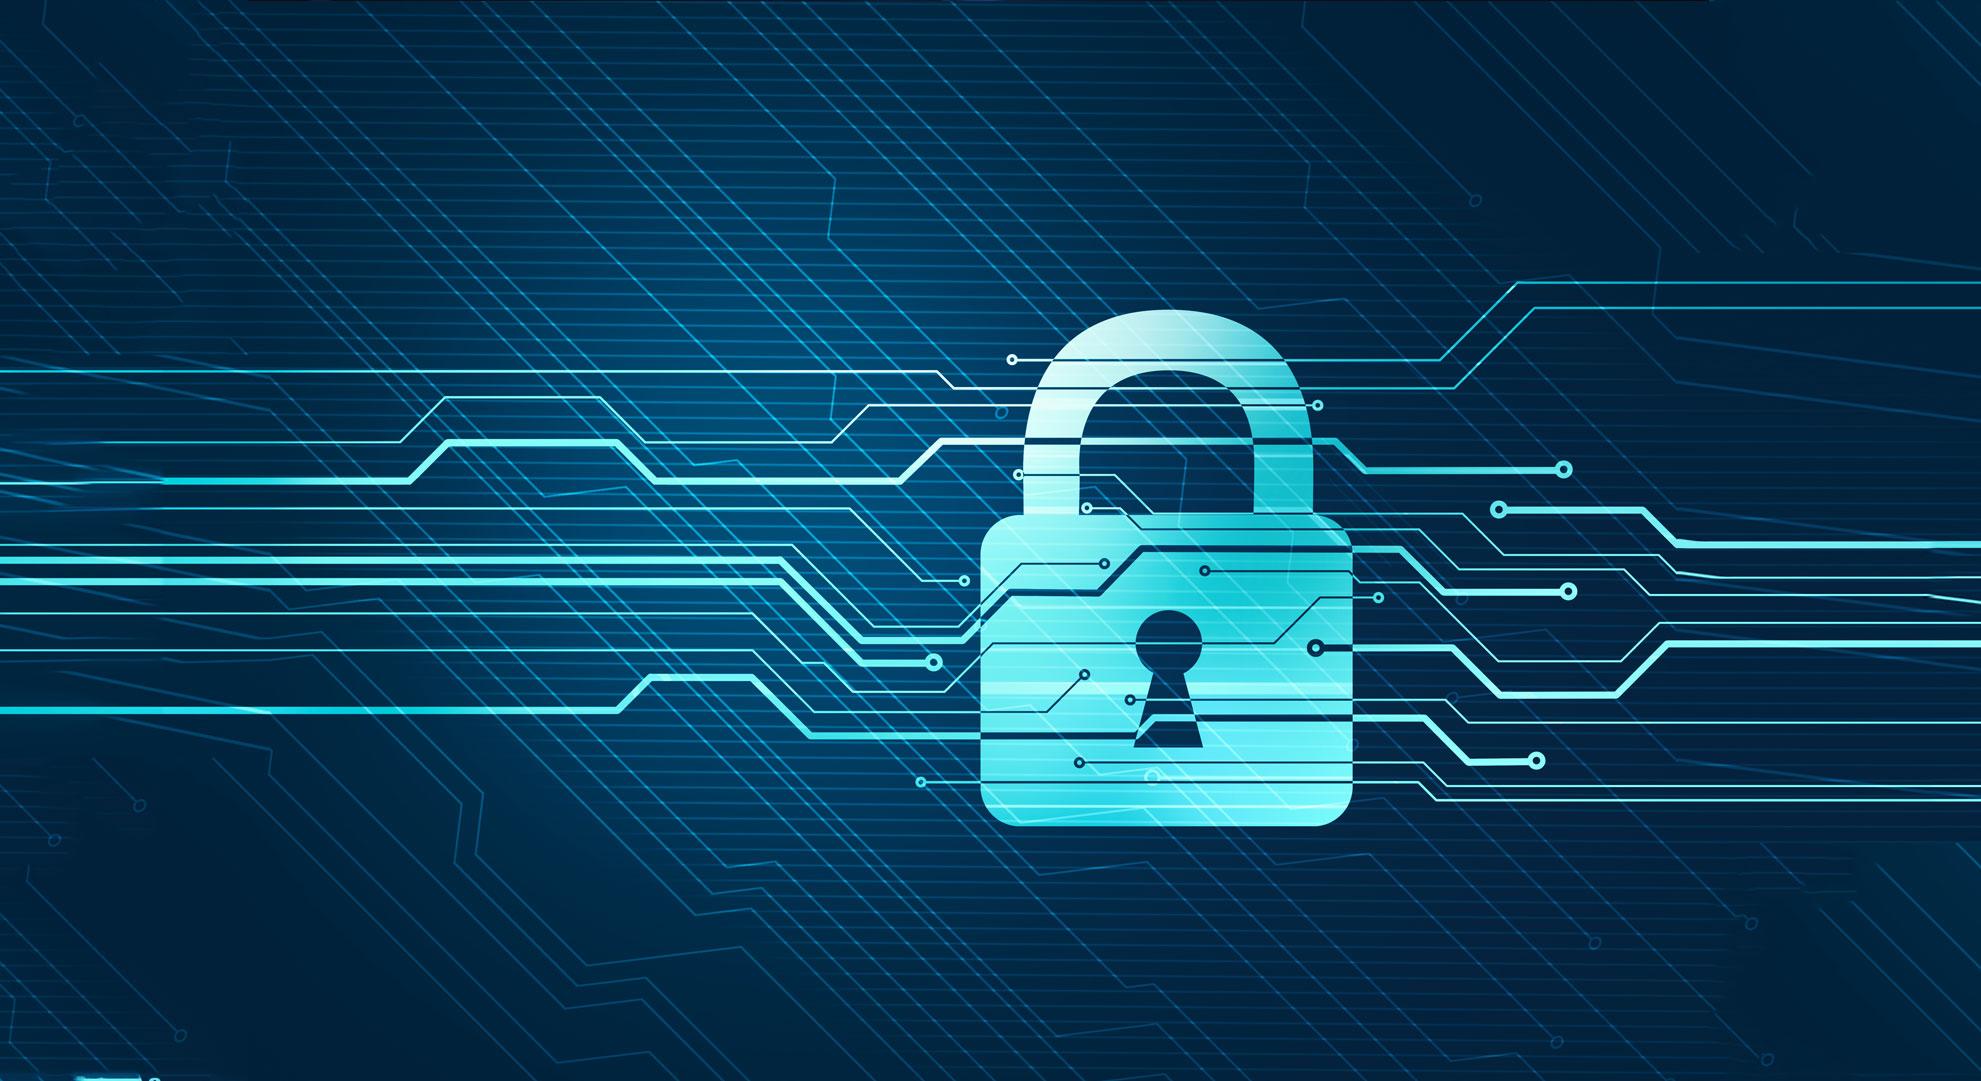 Esperti di cybersecurity volontari per proteggere la ...